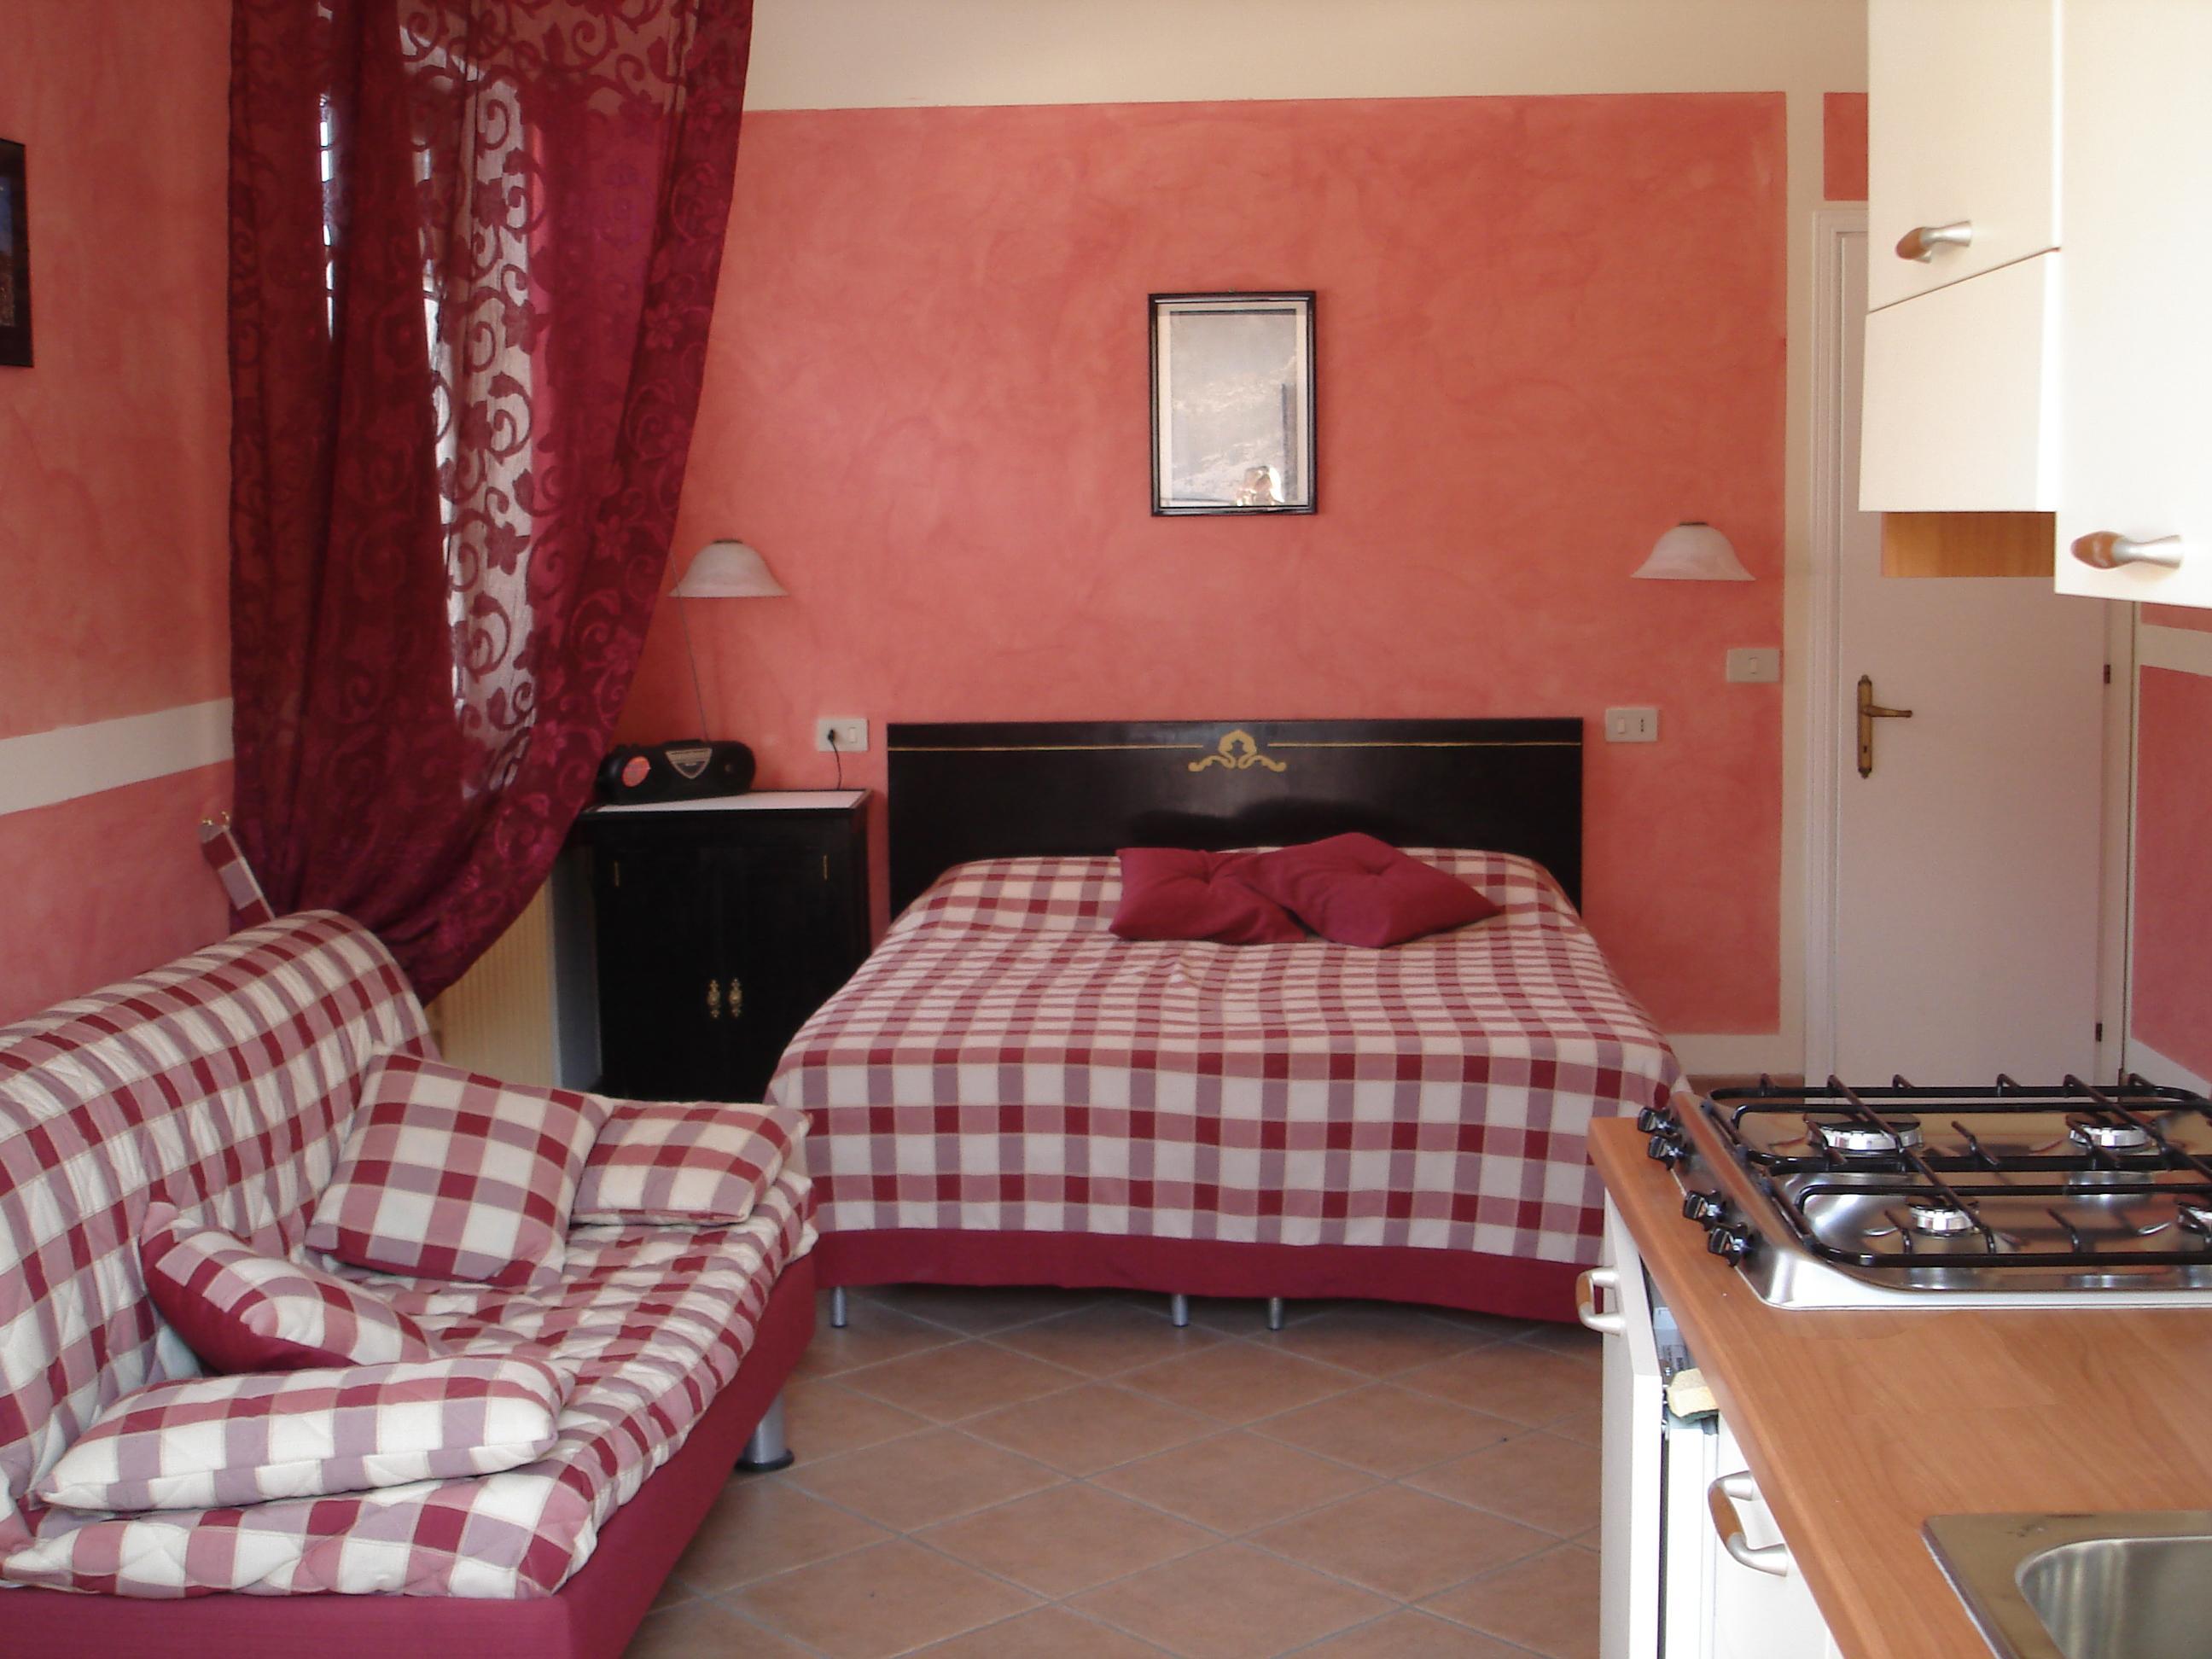 Arredare un soggiorno cucina di 20 mq simple se si vuole - Arredare un soggiorno cucina di 20 mq ...